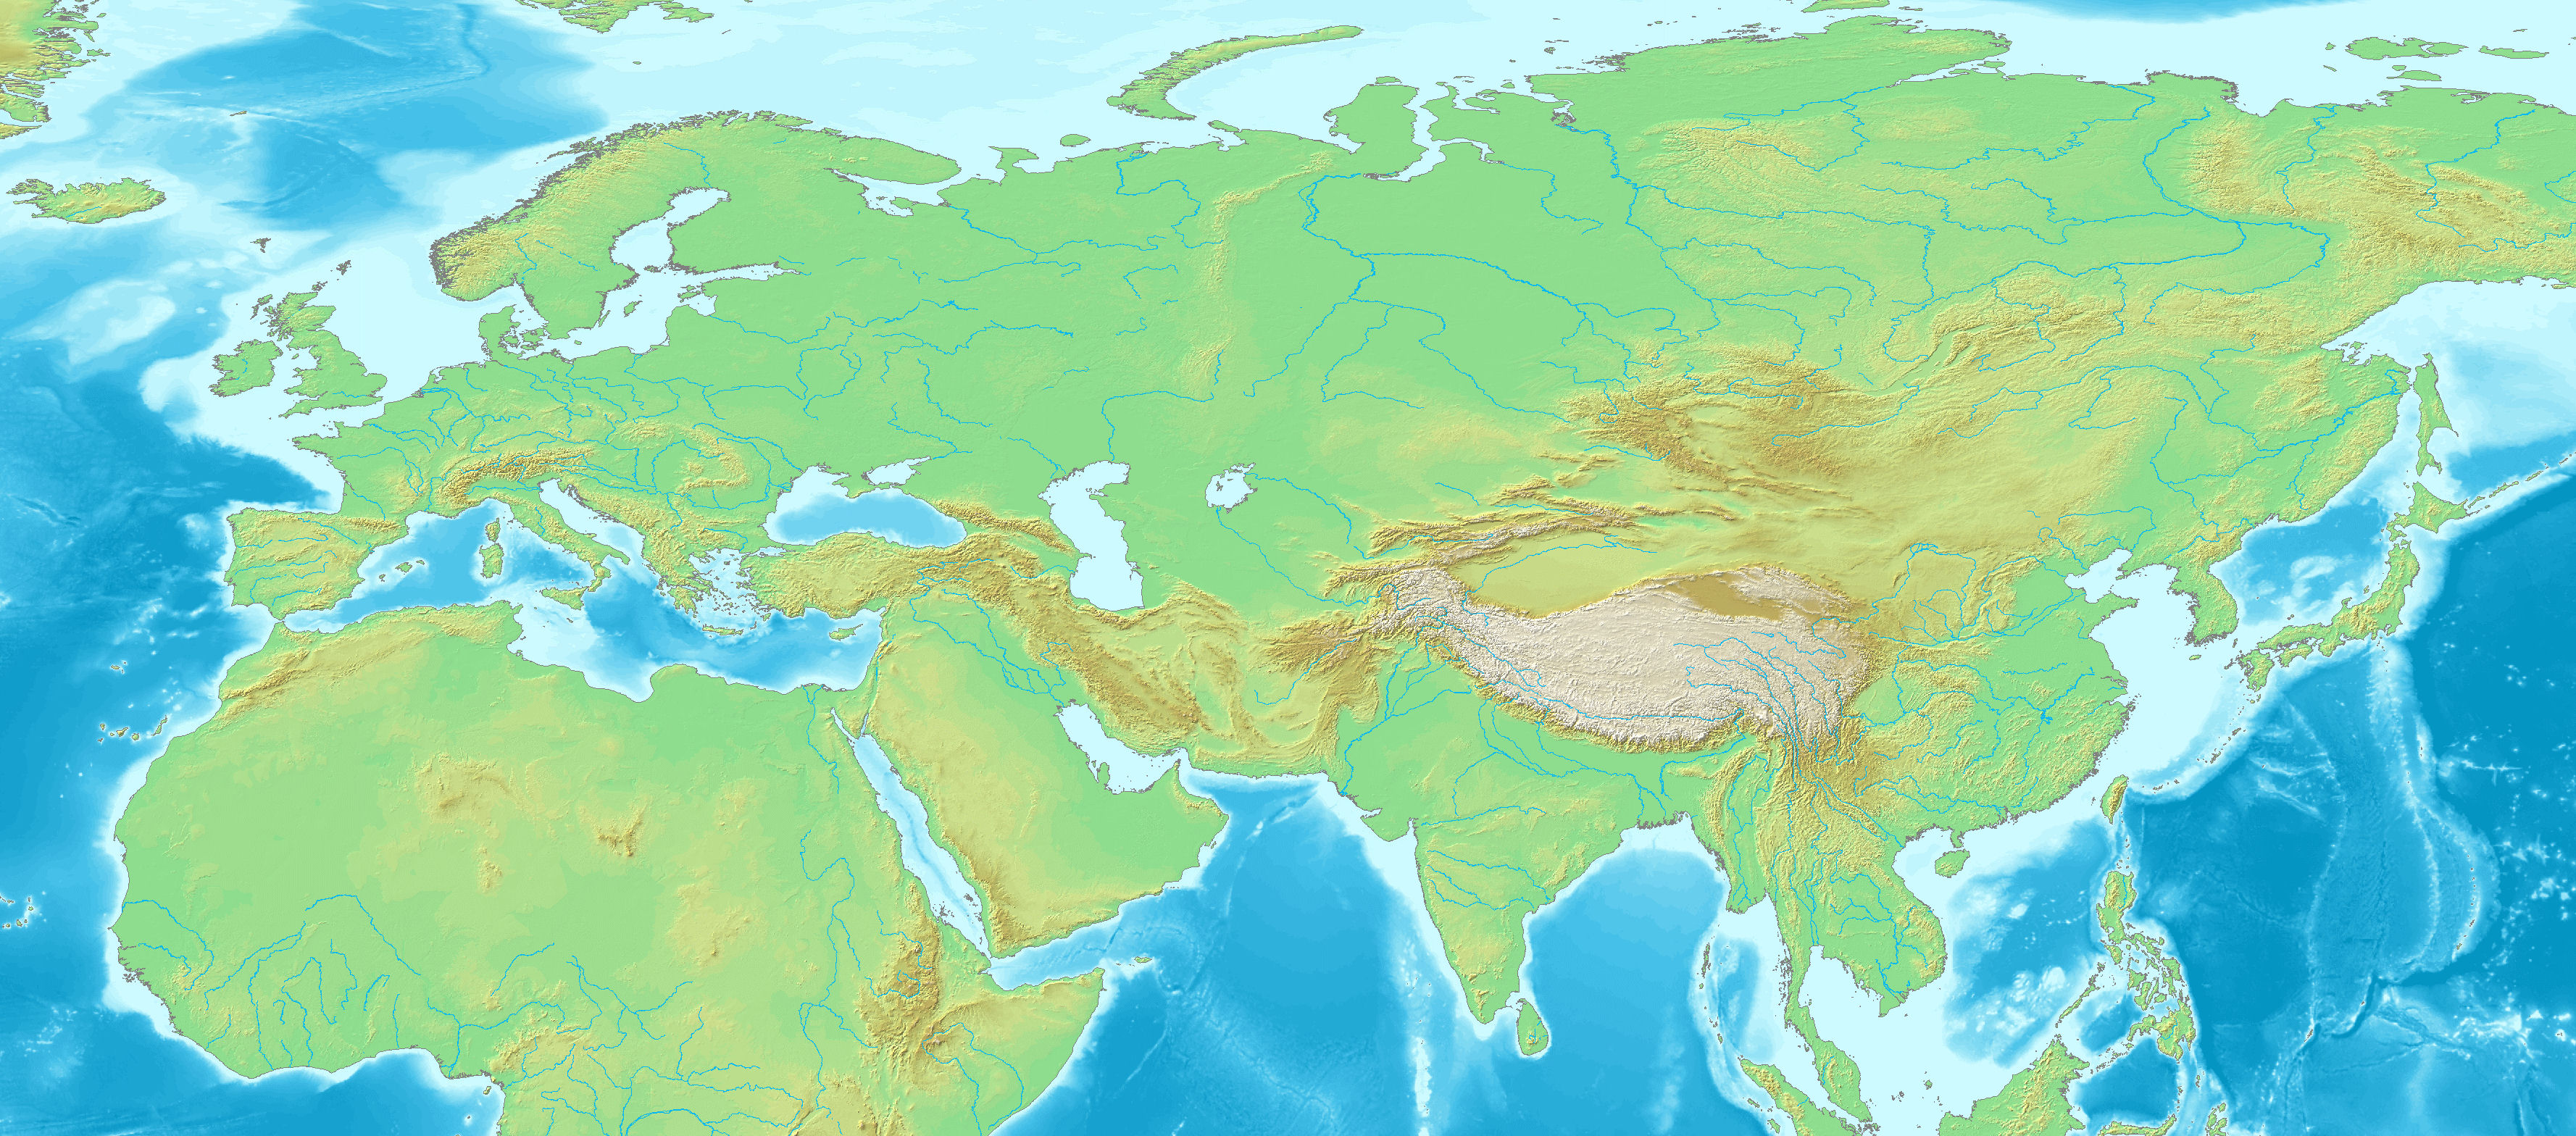 Ancient Mesopotamia Geography amp Maps  Mesopotamia for Kids